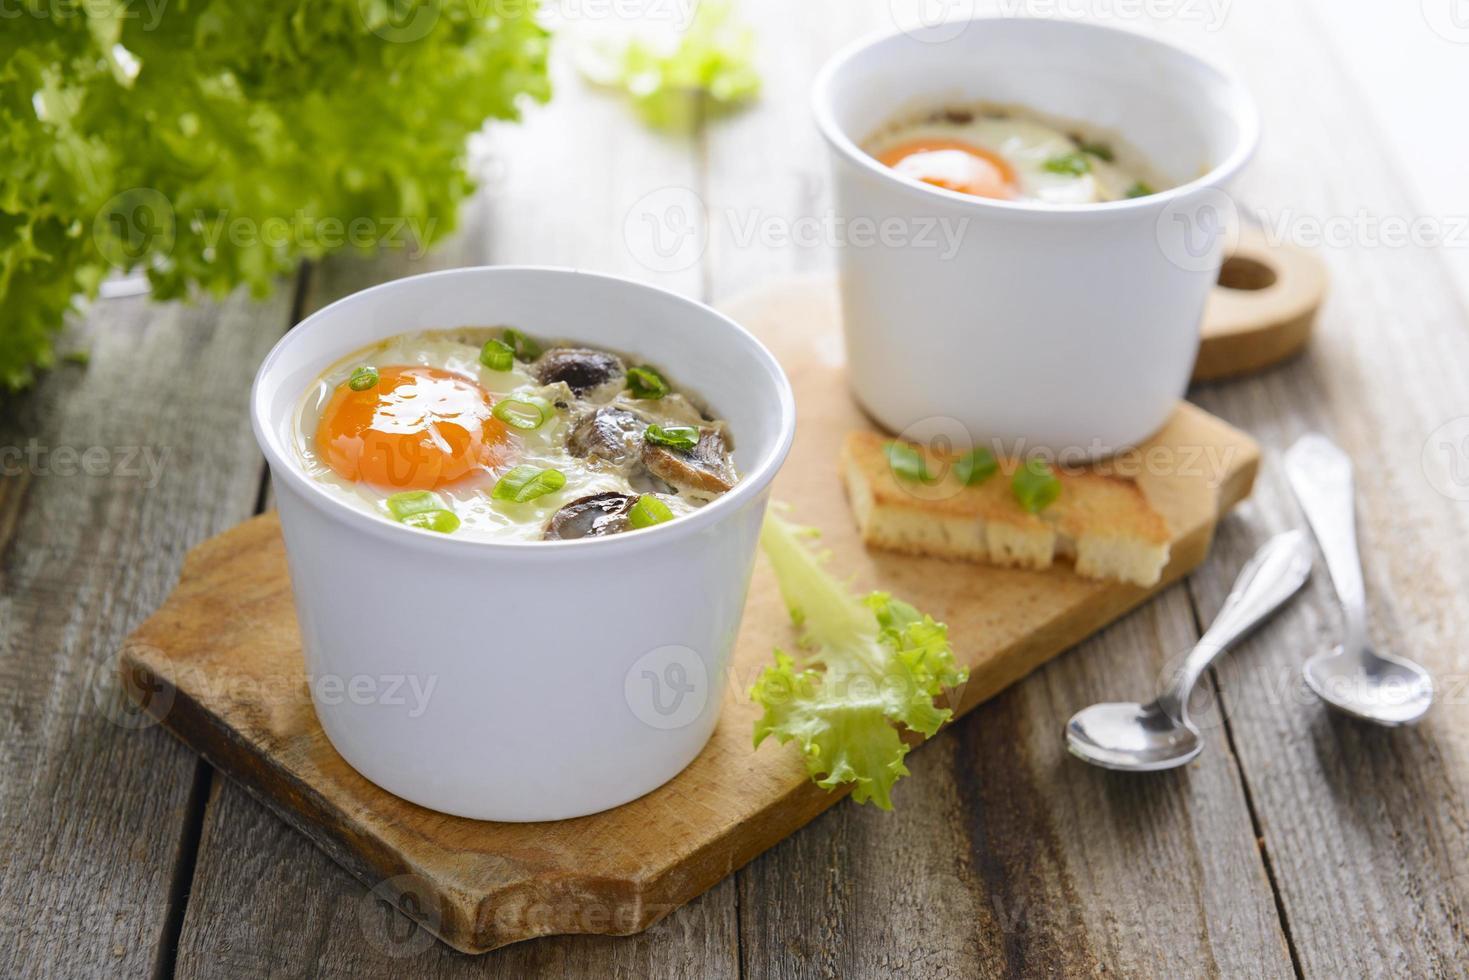 uova al forno con funghi, panna ed erba cipollina foto